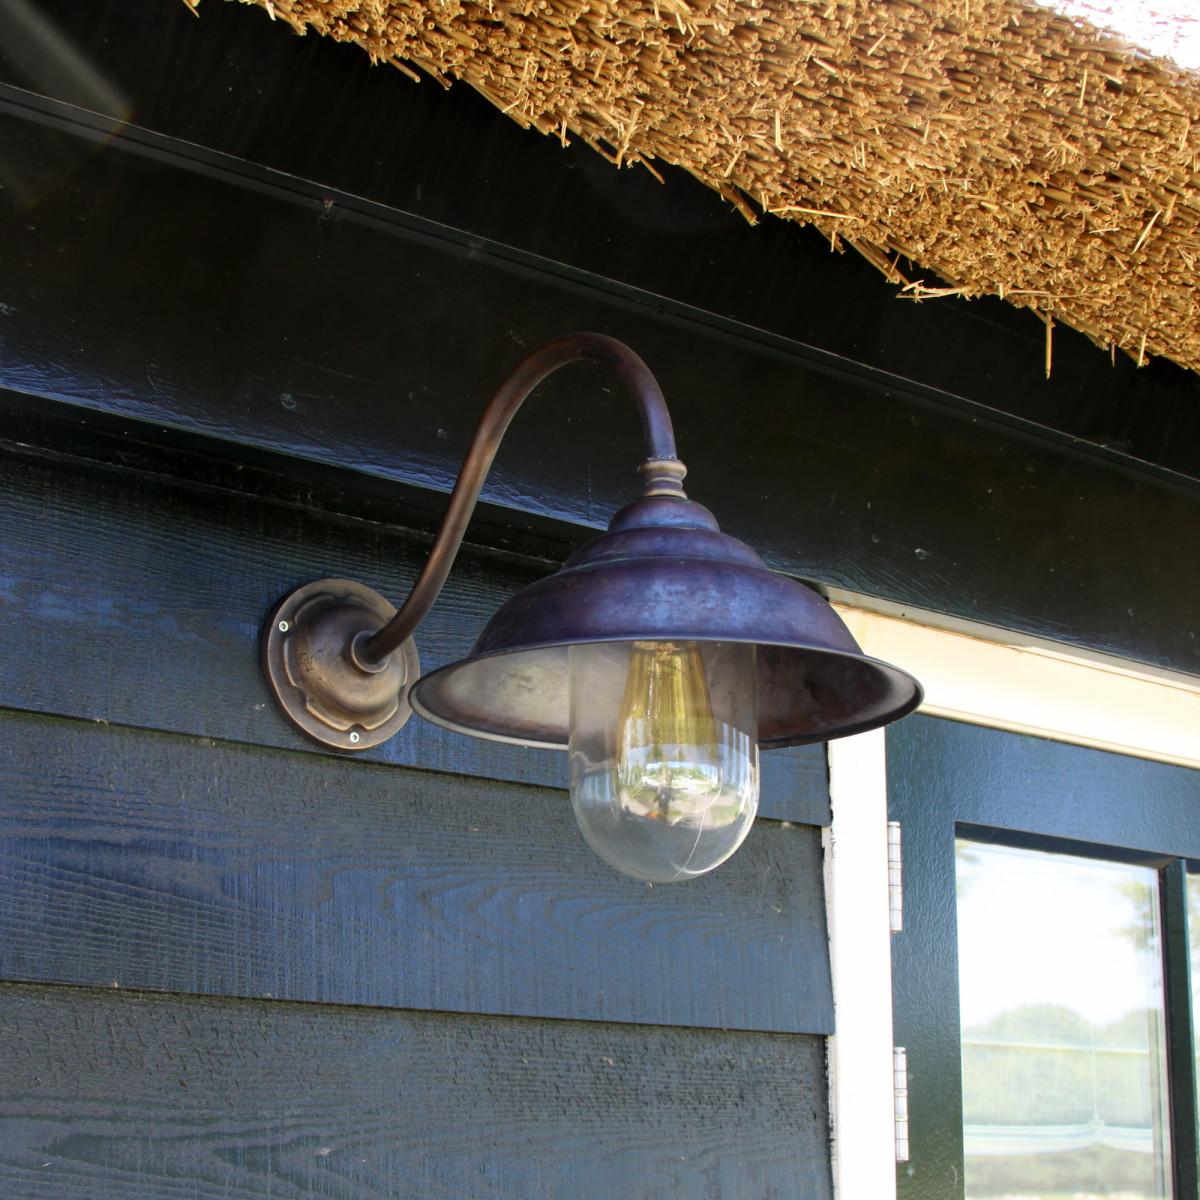 stallamp buitenlamp landelijk - Savoye I Recht (1238) - KS Verlichting - Nostalux stallampen